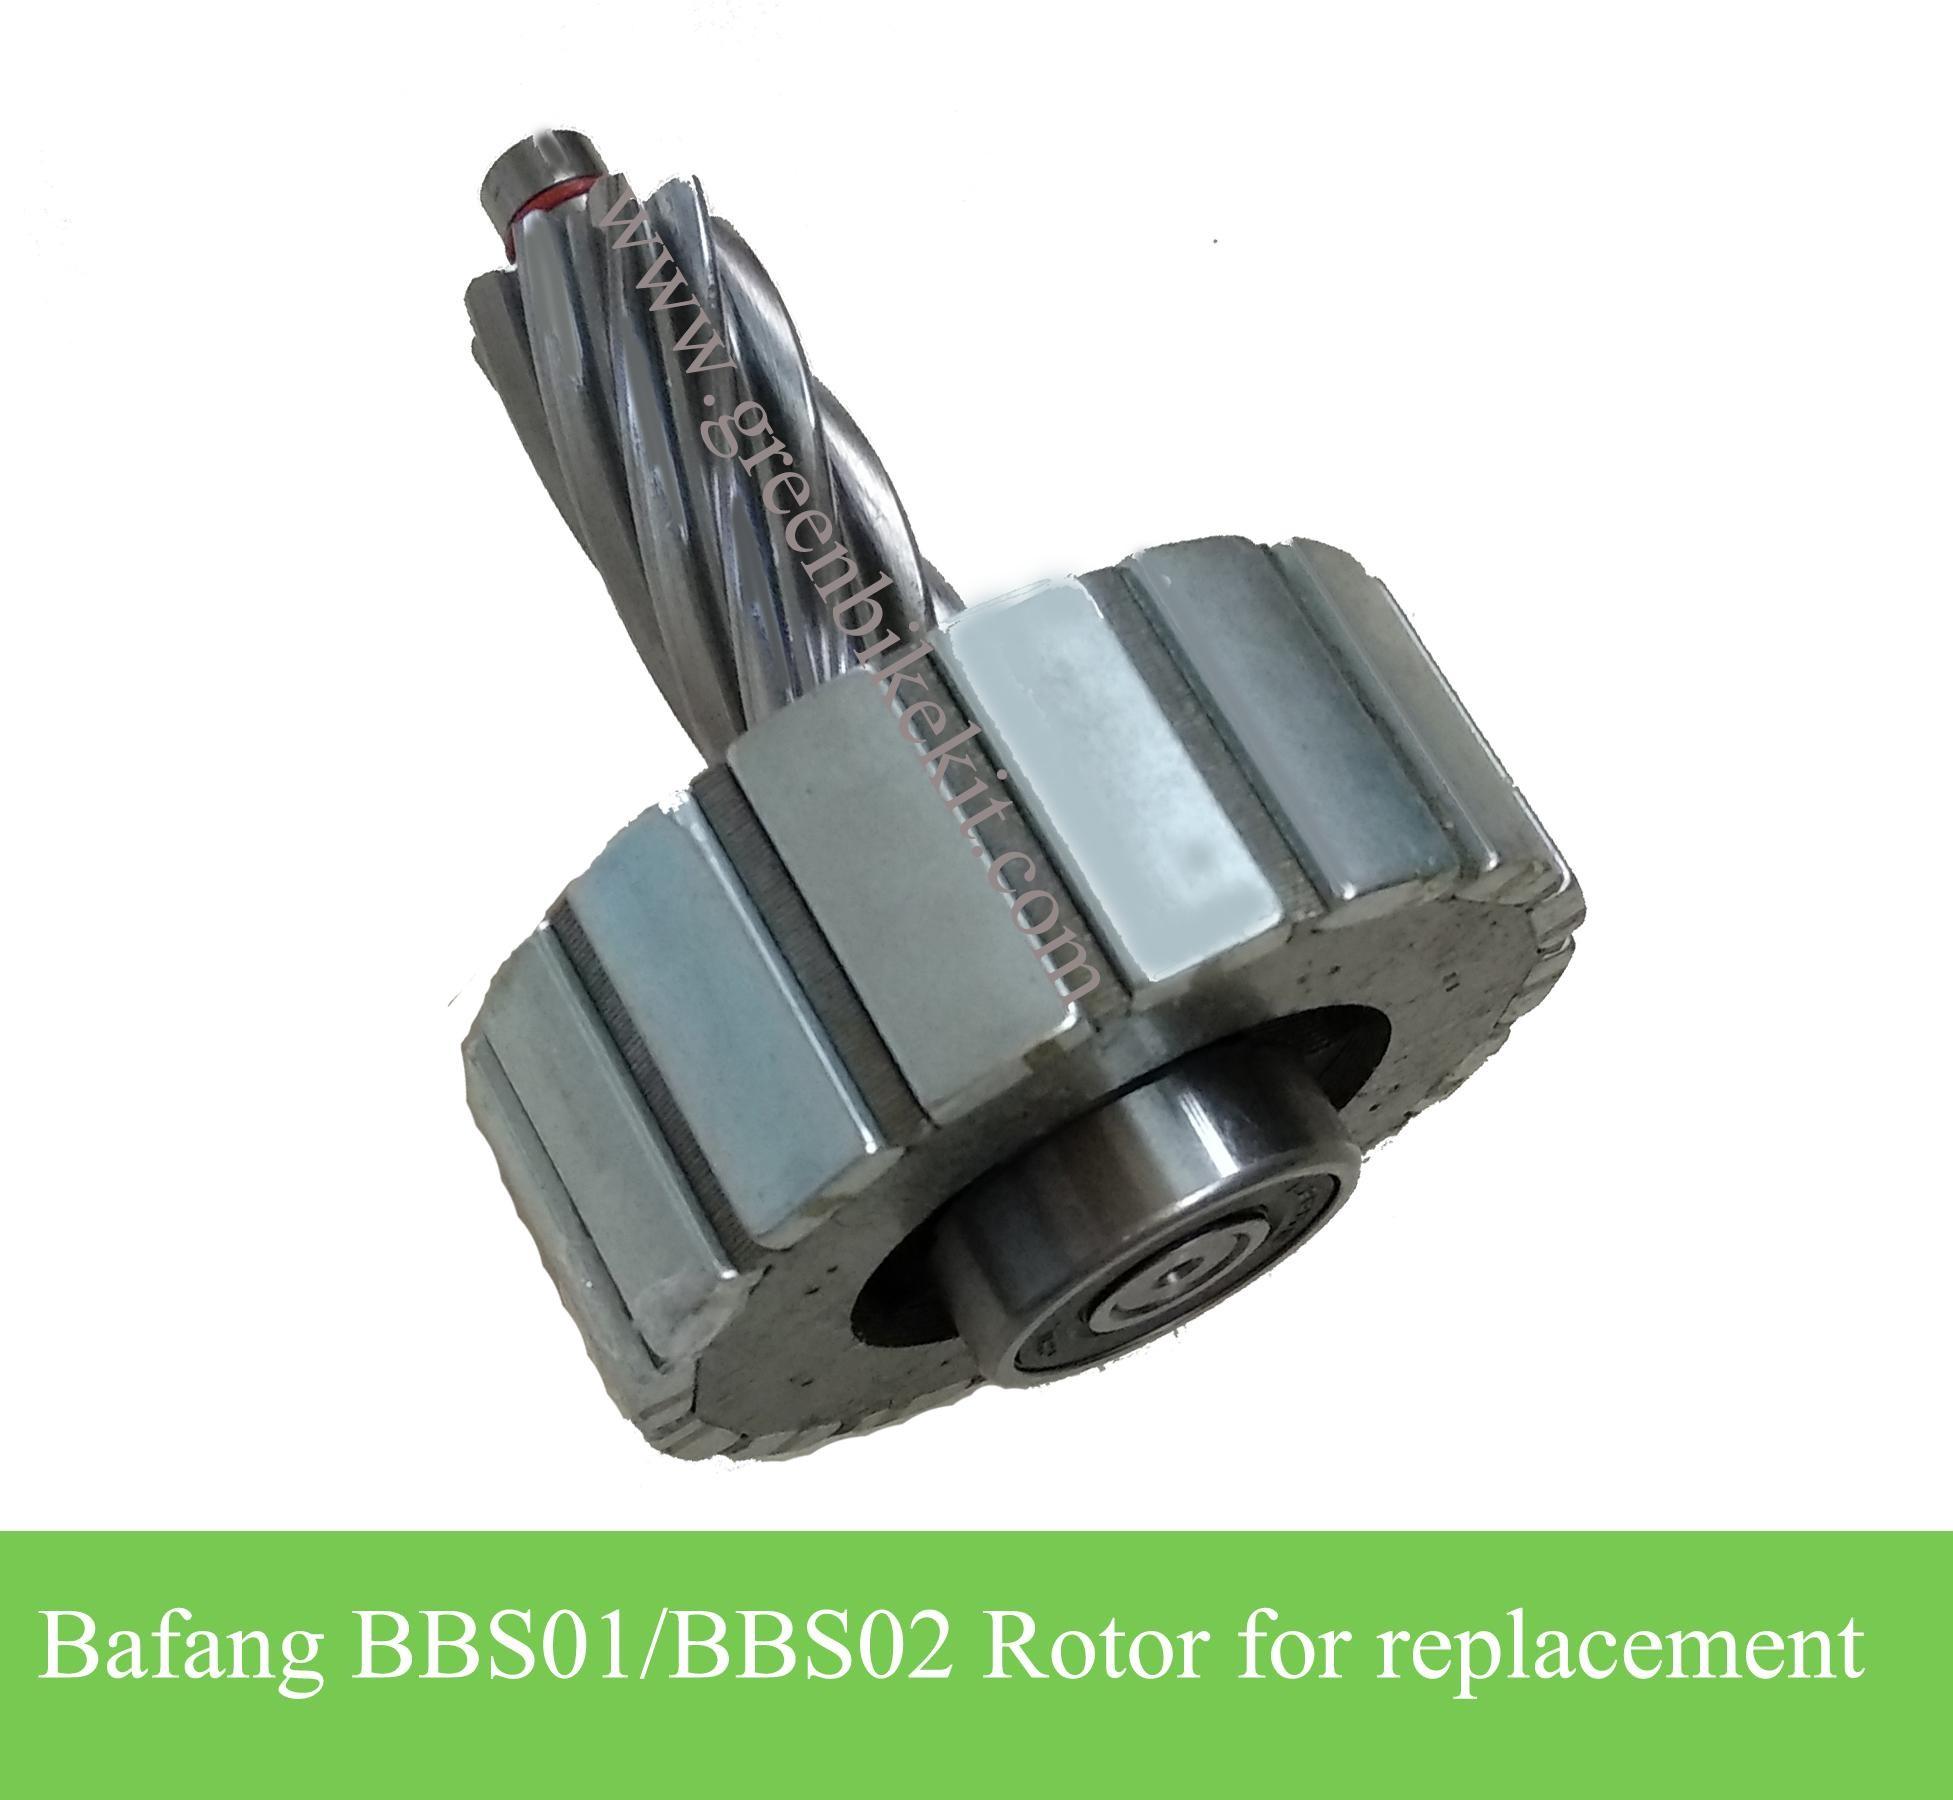 bafang 8fun bbs01 bbs02 motor rotor for repair-Greenbikekit